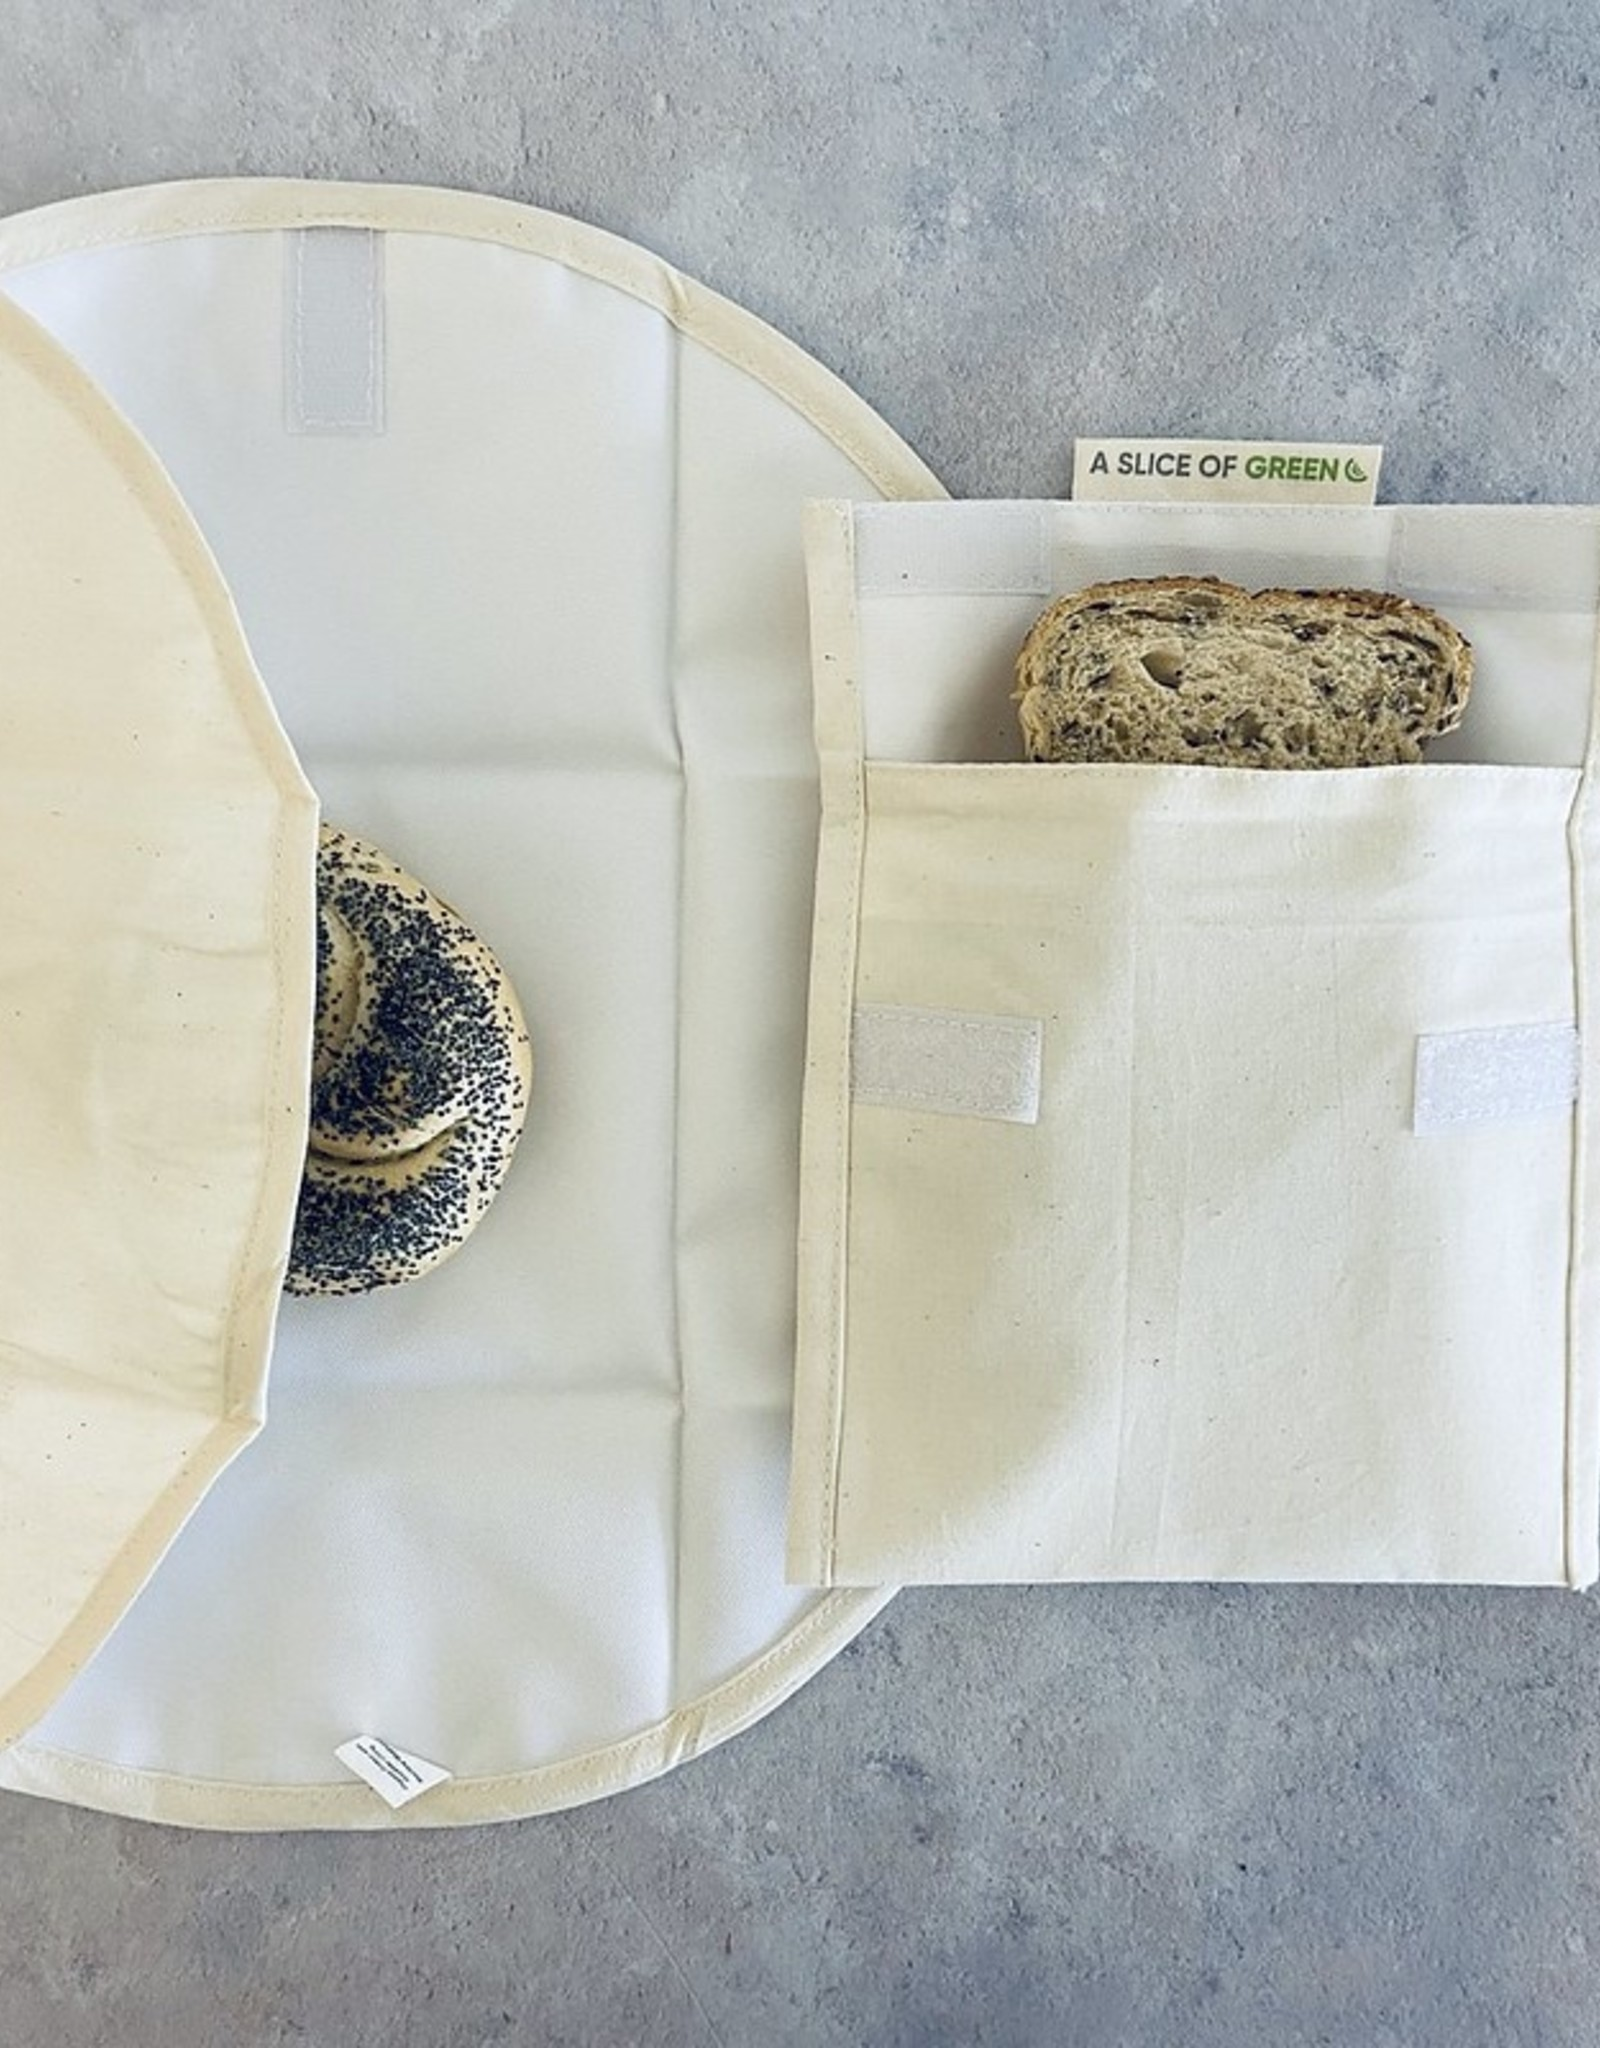 Foodwrap